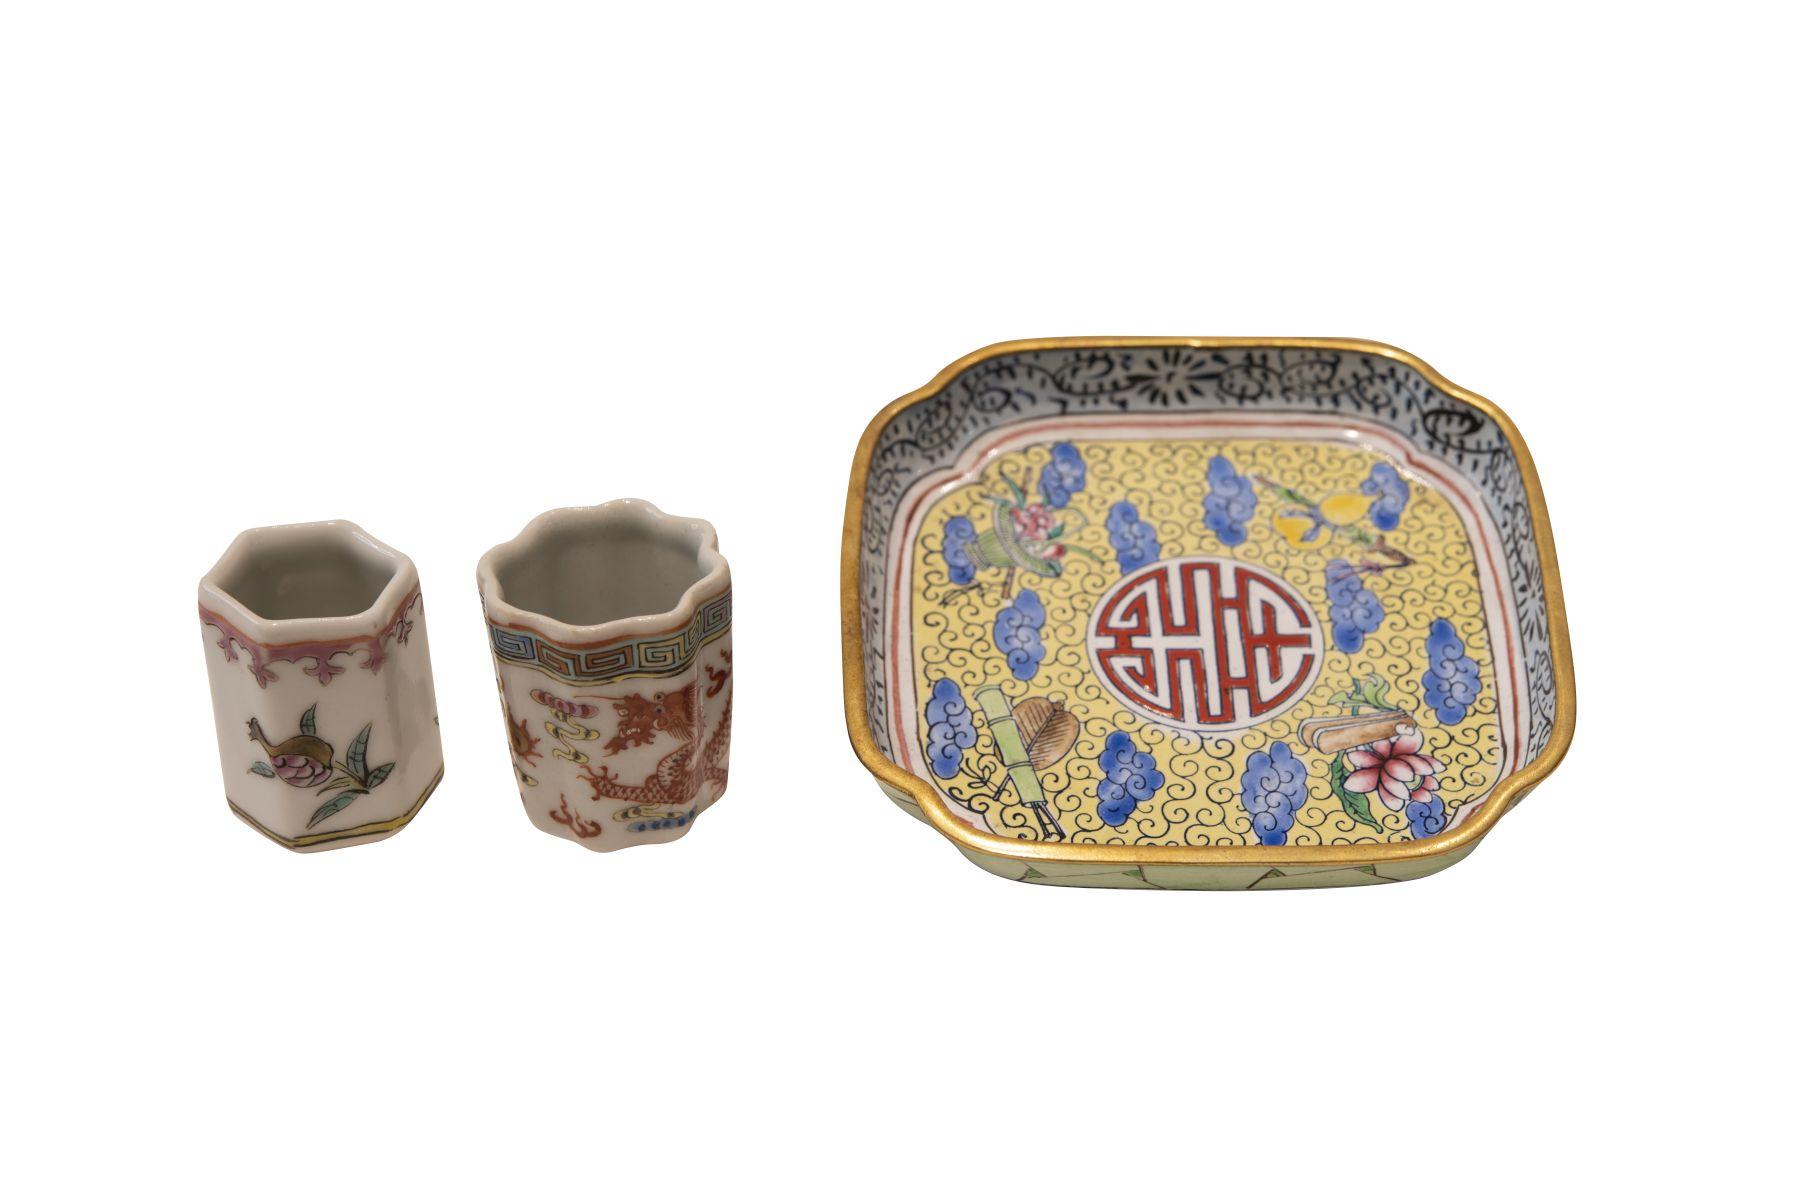 #49 1 cloisonné bowl and 2 small porcelain vessels | 1 Cloisonné Schale und 2 kleine Porzellangefäße Image